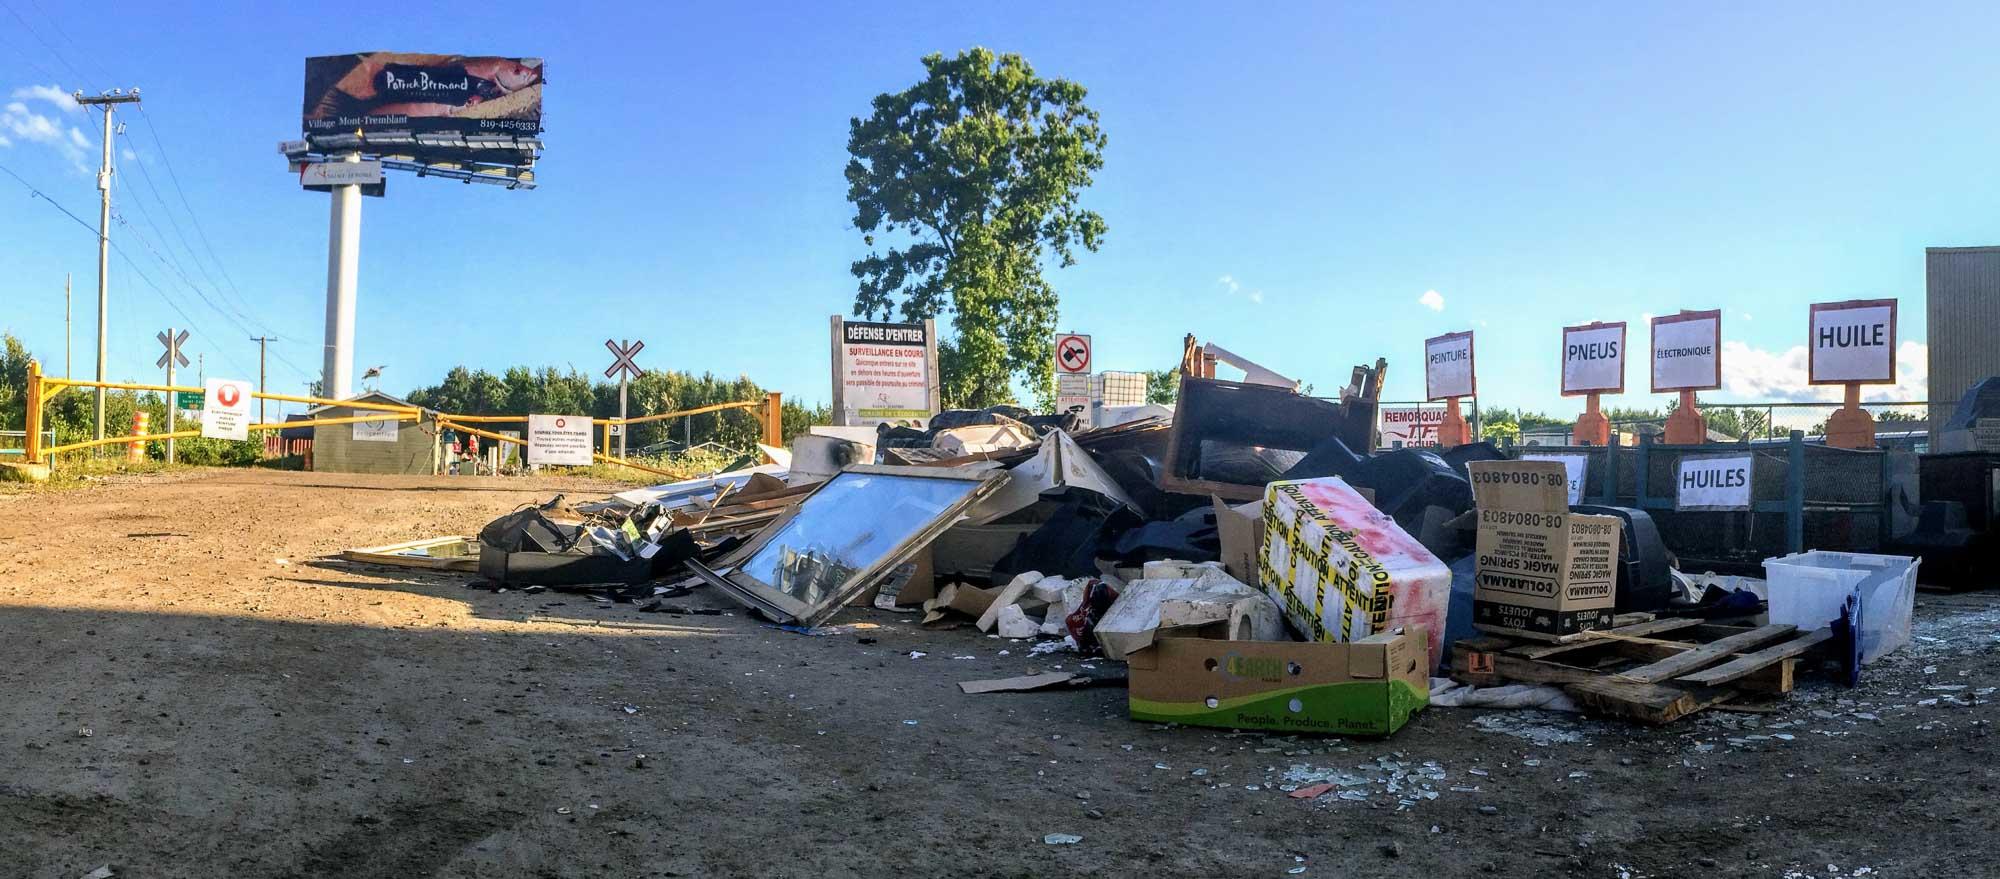 En août 2015, un mardi soir, alors que les «matières» n'avaient encore que quelques dizaines de mètres à faire avant d'être prises en charge et abandonnées par leurs anciens propriétaires.